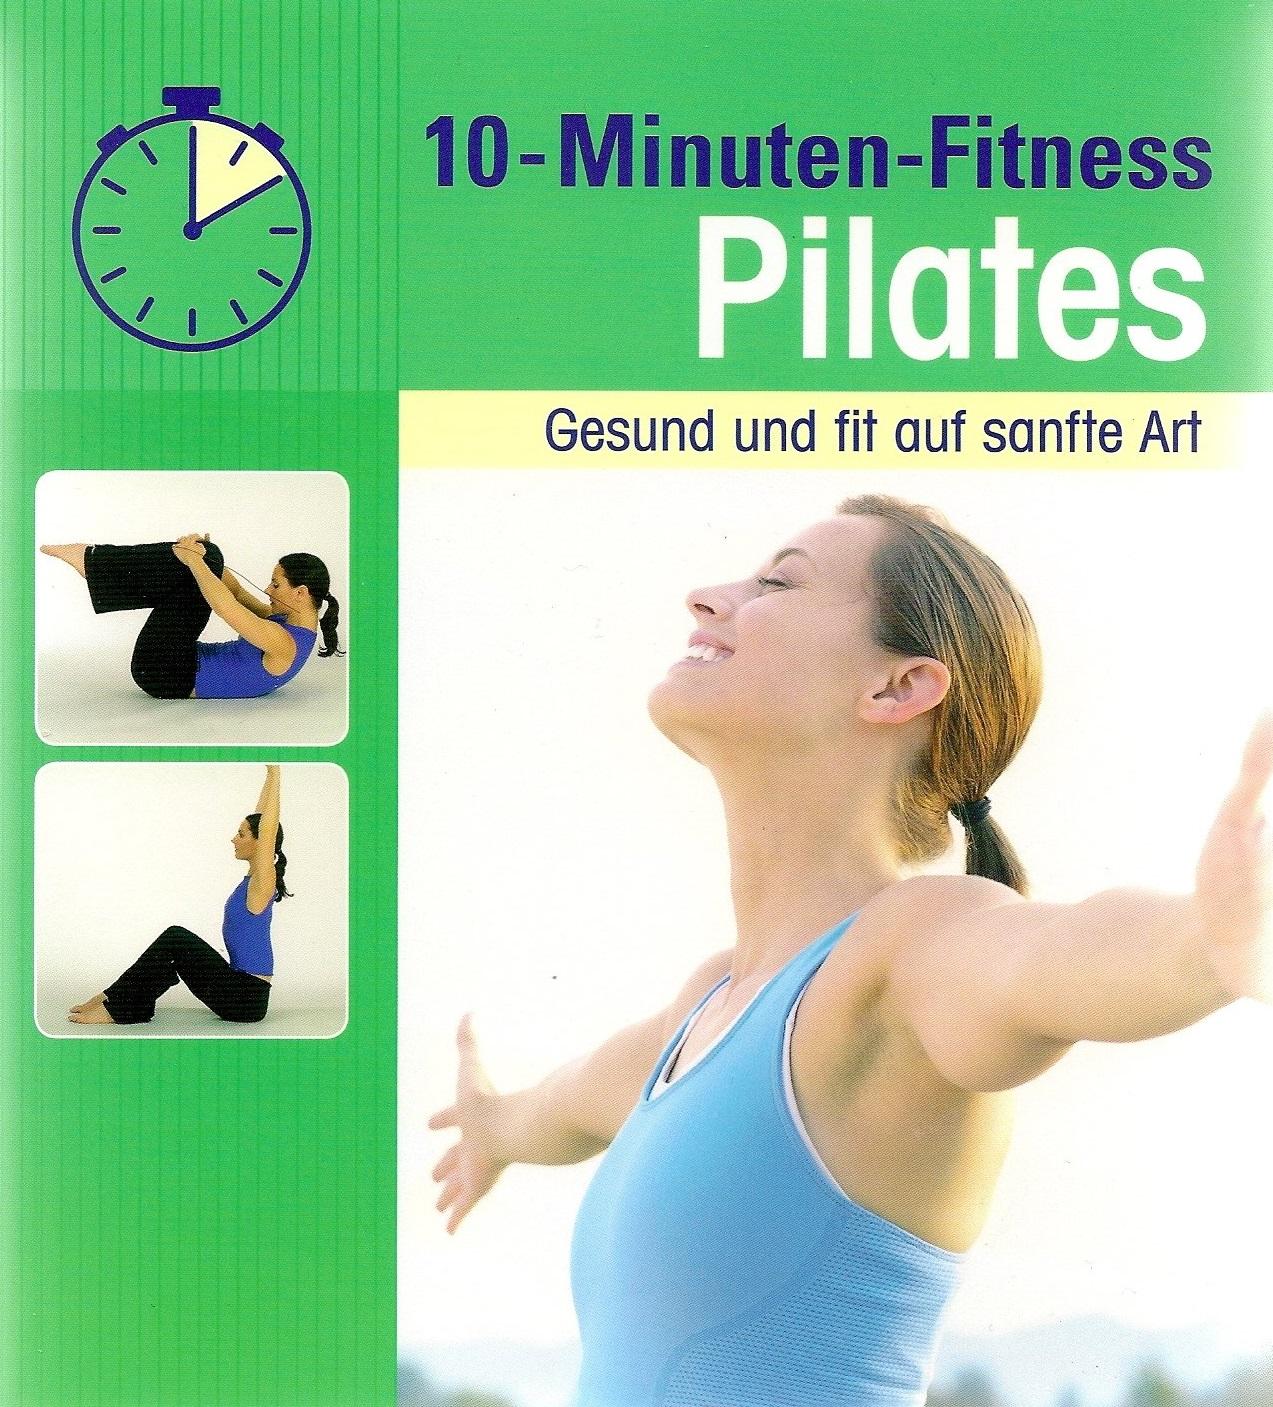 10-Minuten-Fitness Pilates - -